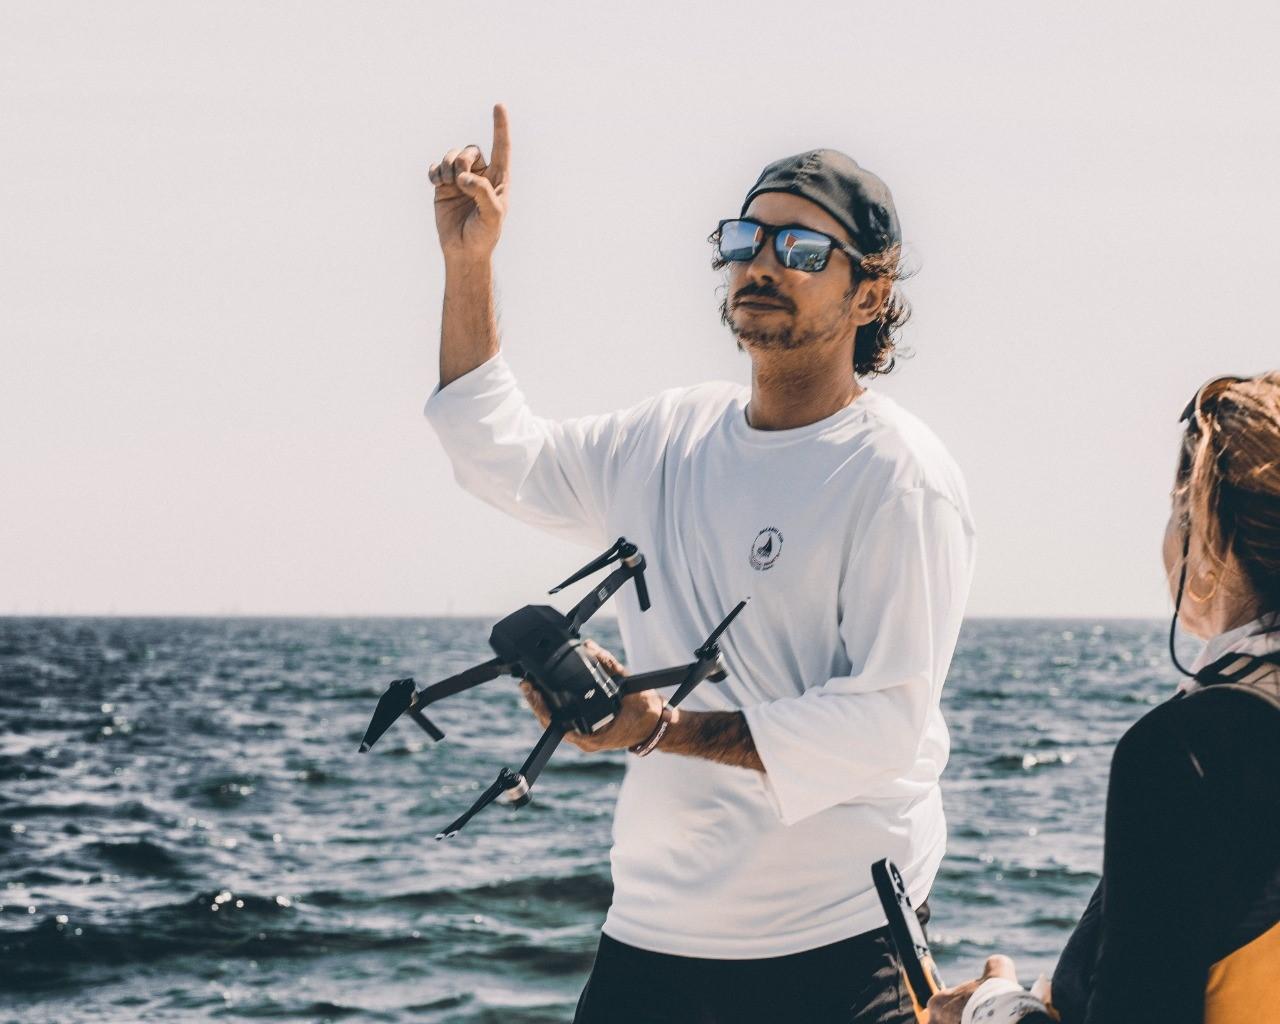 Com fotos que impressionam, fotógrafo revela levar mais de 12 horas para capturar cliques de modelo na água